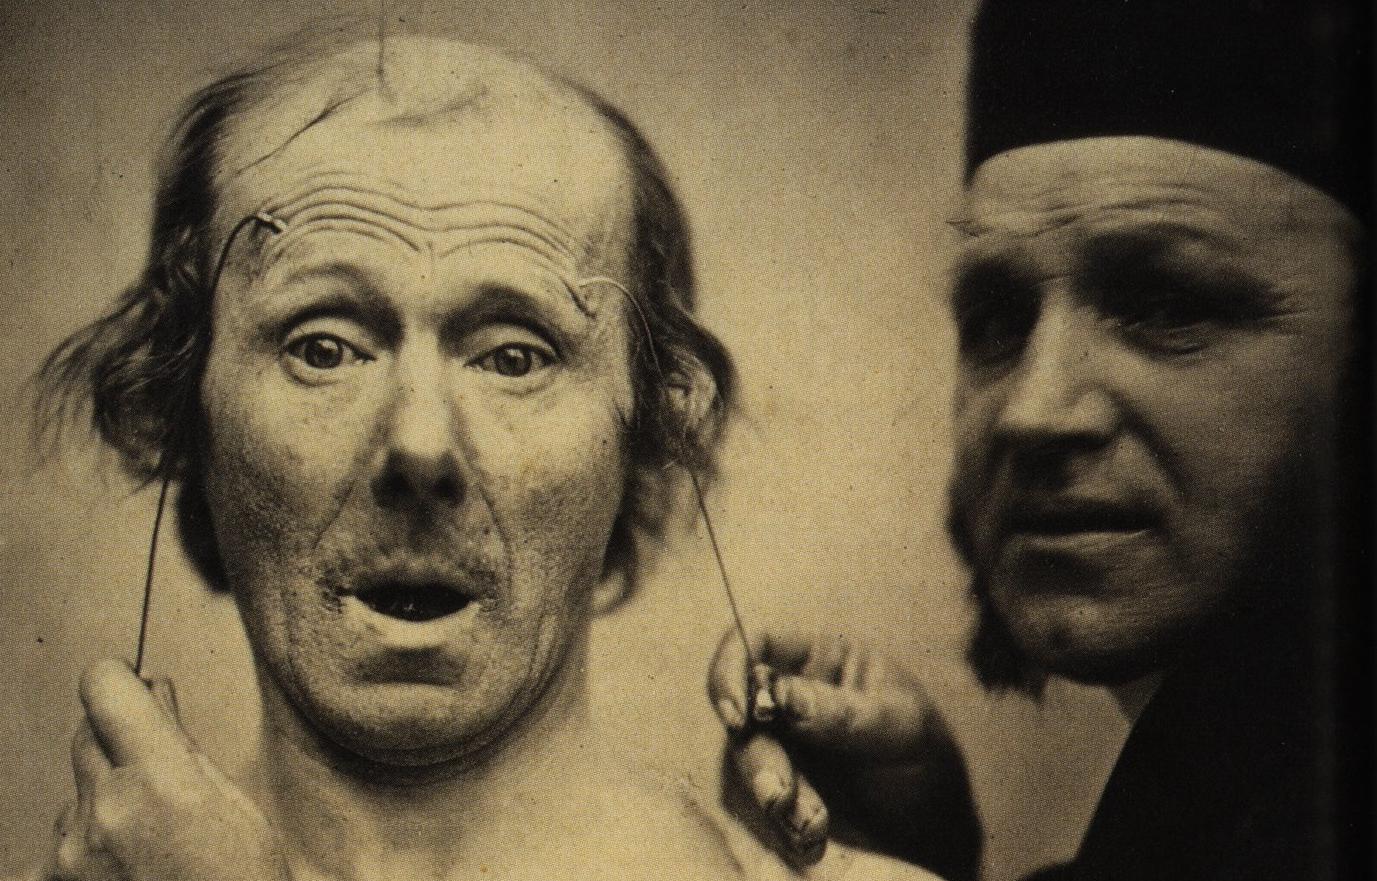 Vzácné fotografie z historie, které nenajdete v učebnicích